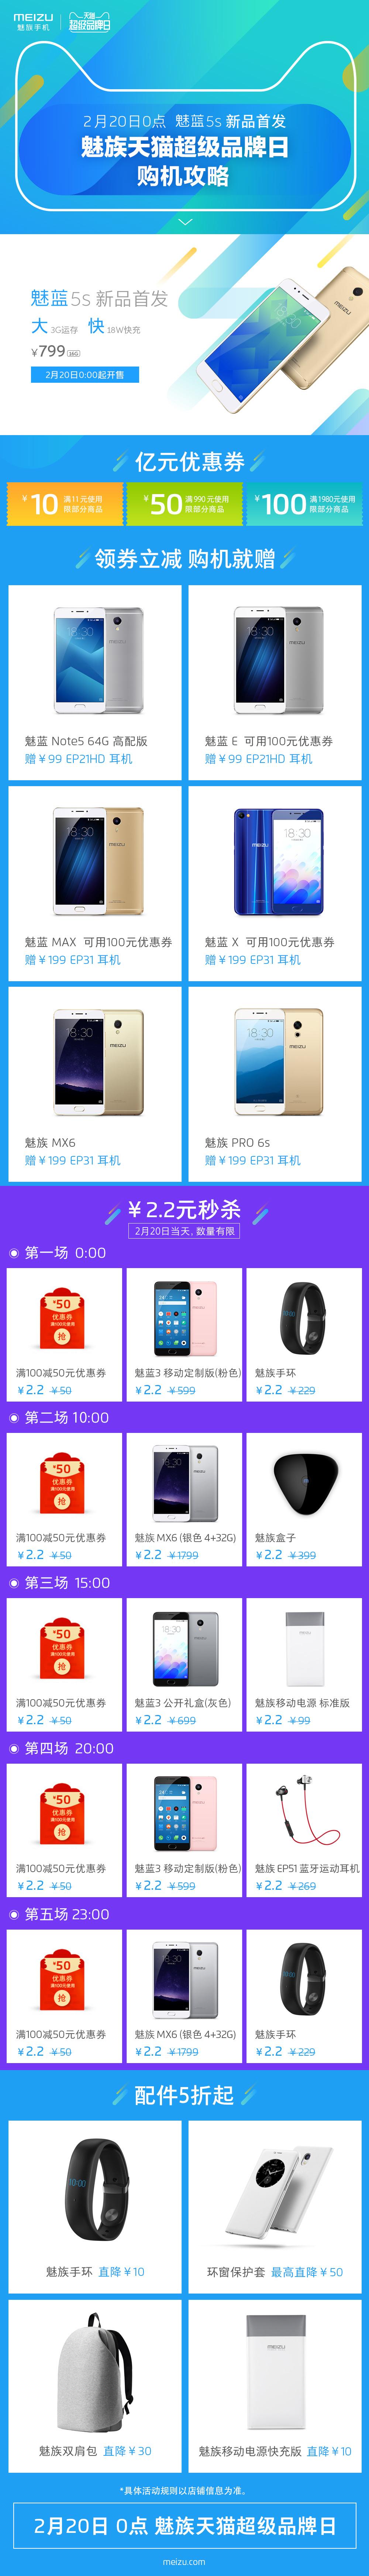 魅族 #天猫超级品牌日# 购机攻略